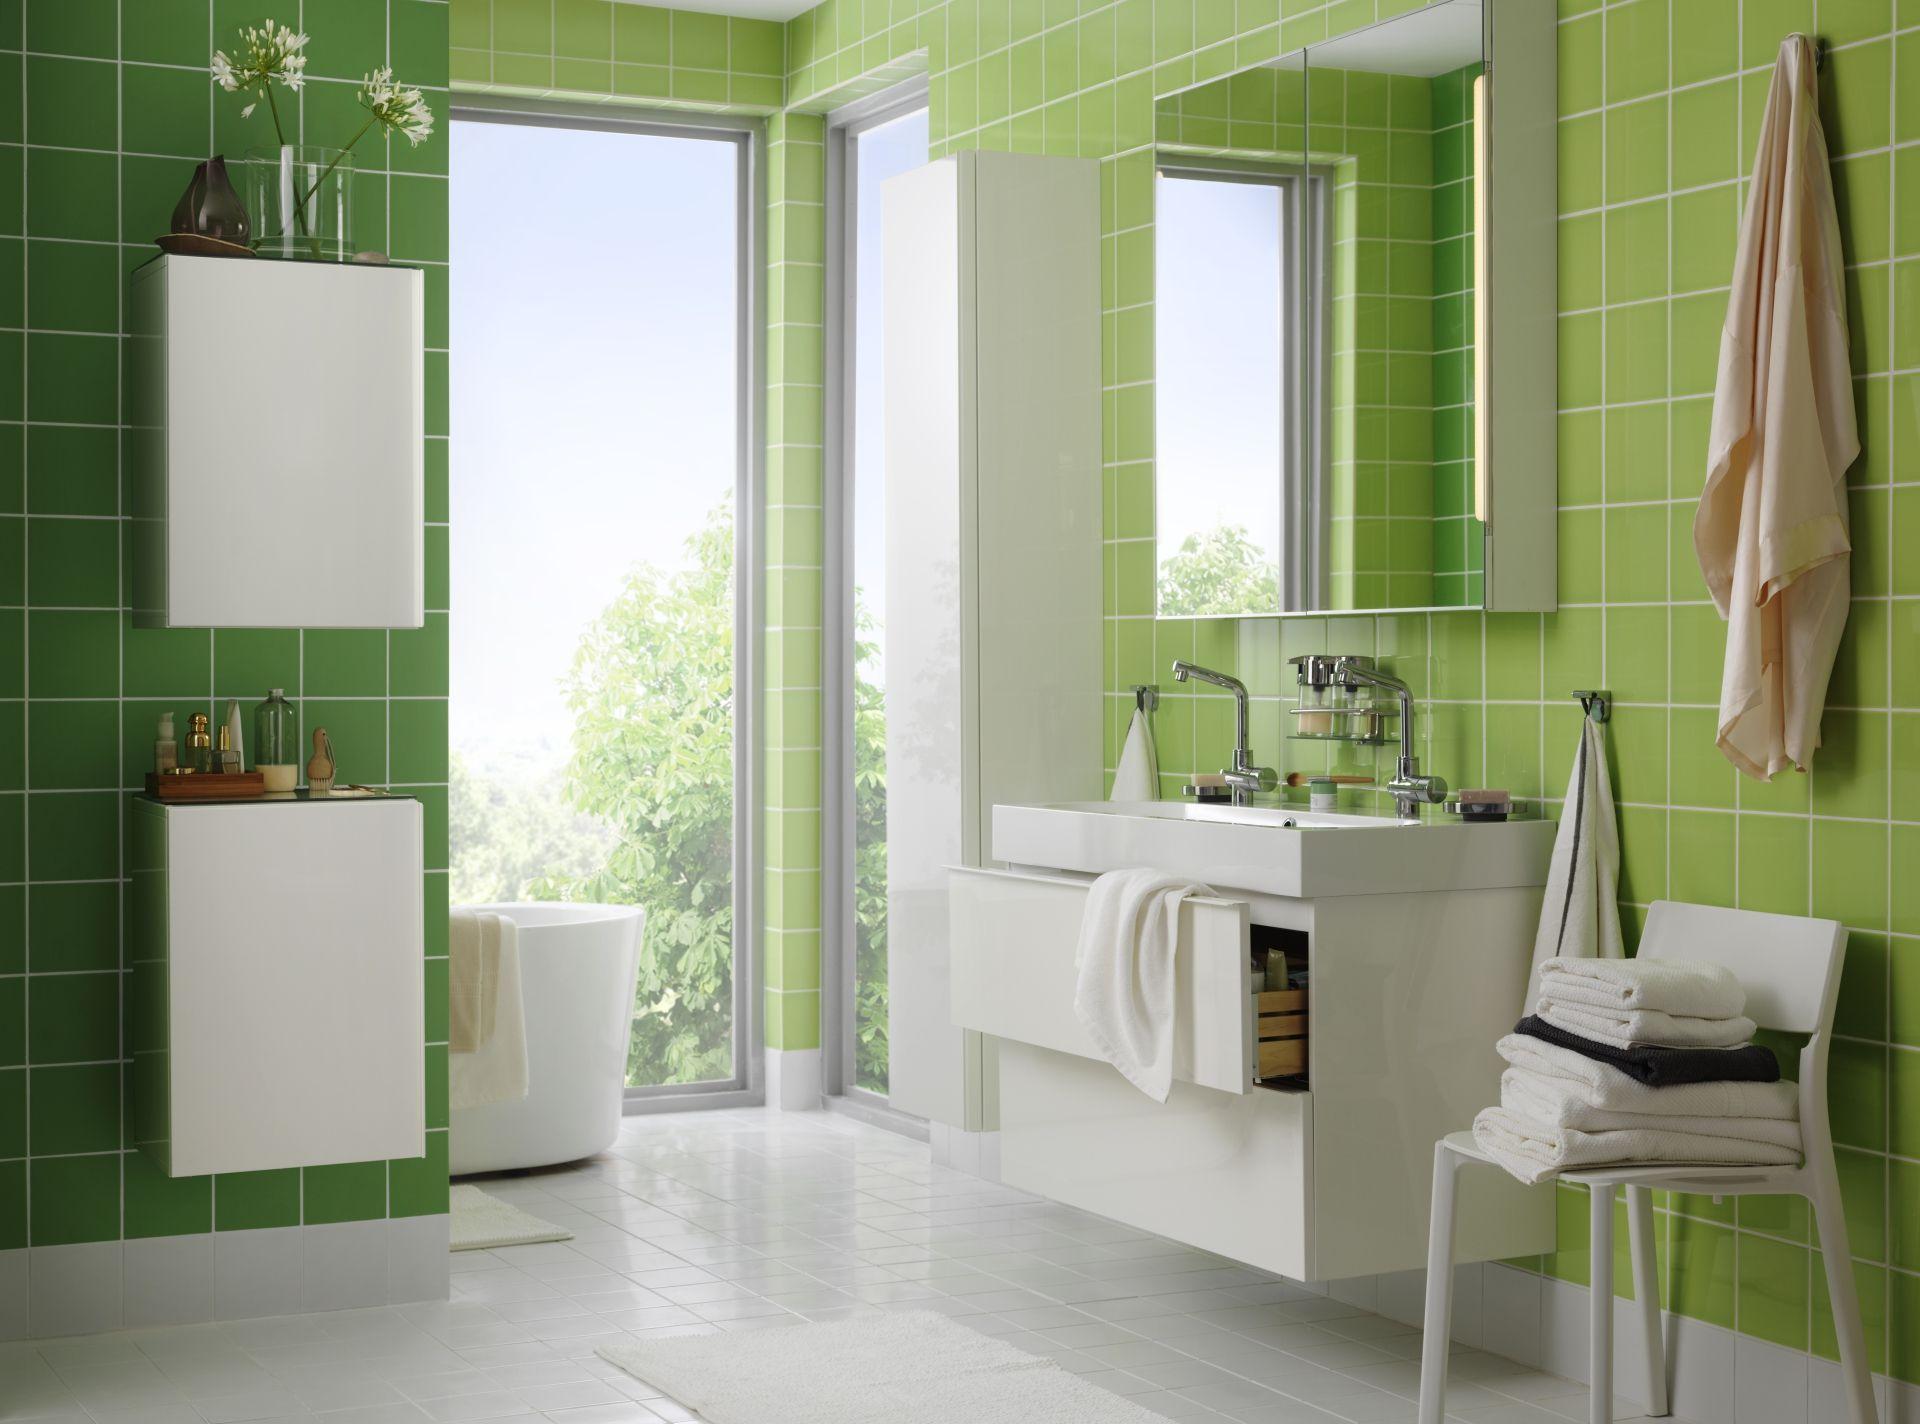 optimisation d 39 espace r ussie dans cette salle de bains o un beau carrelage vert pomme vitamine. Black Bedroom Furniture Sets. Home Design Ideas